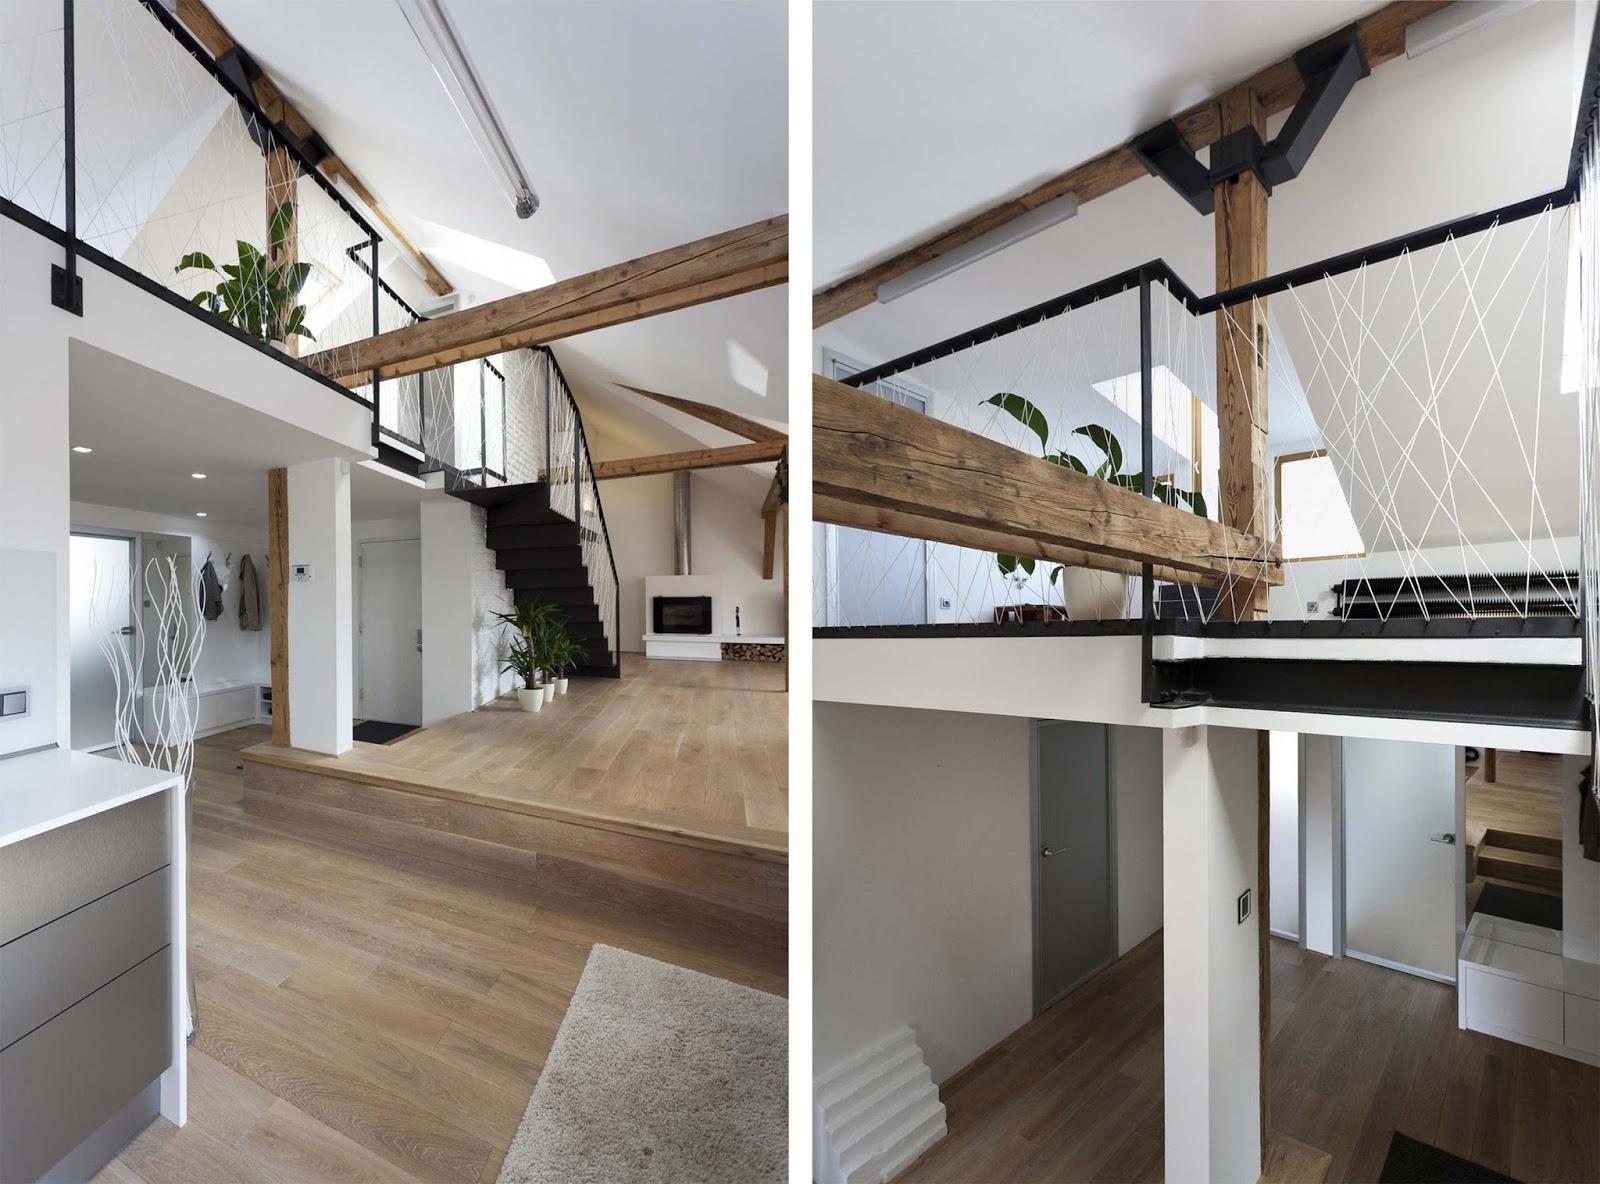 Foto Di Soffitti Con Travi In Legno : Illuminare soffitto con travi in legno come illuminare un